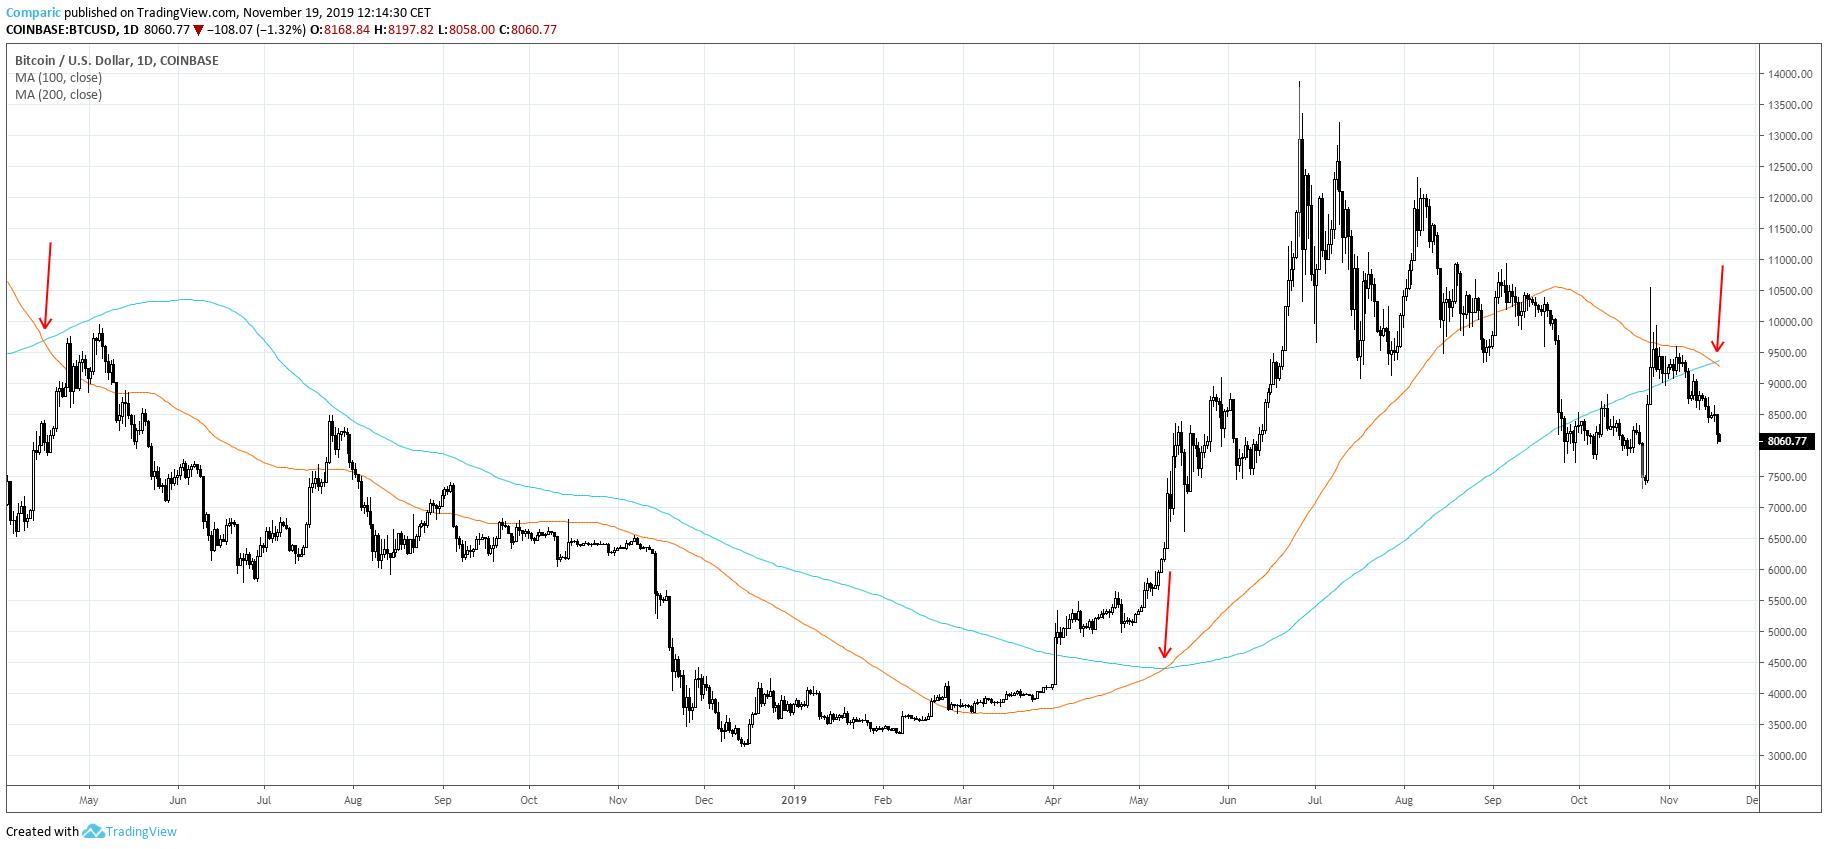 Bitcoin i trzy przecięcia 100 SMA i 200 SMA na przestrzeni dwóch ostatnich lat. Źródło: Tradingview.com